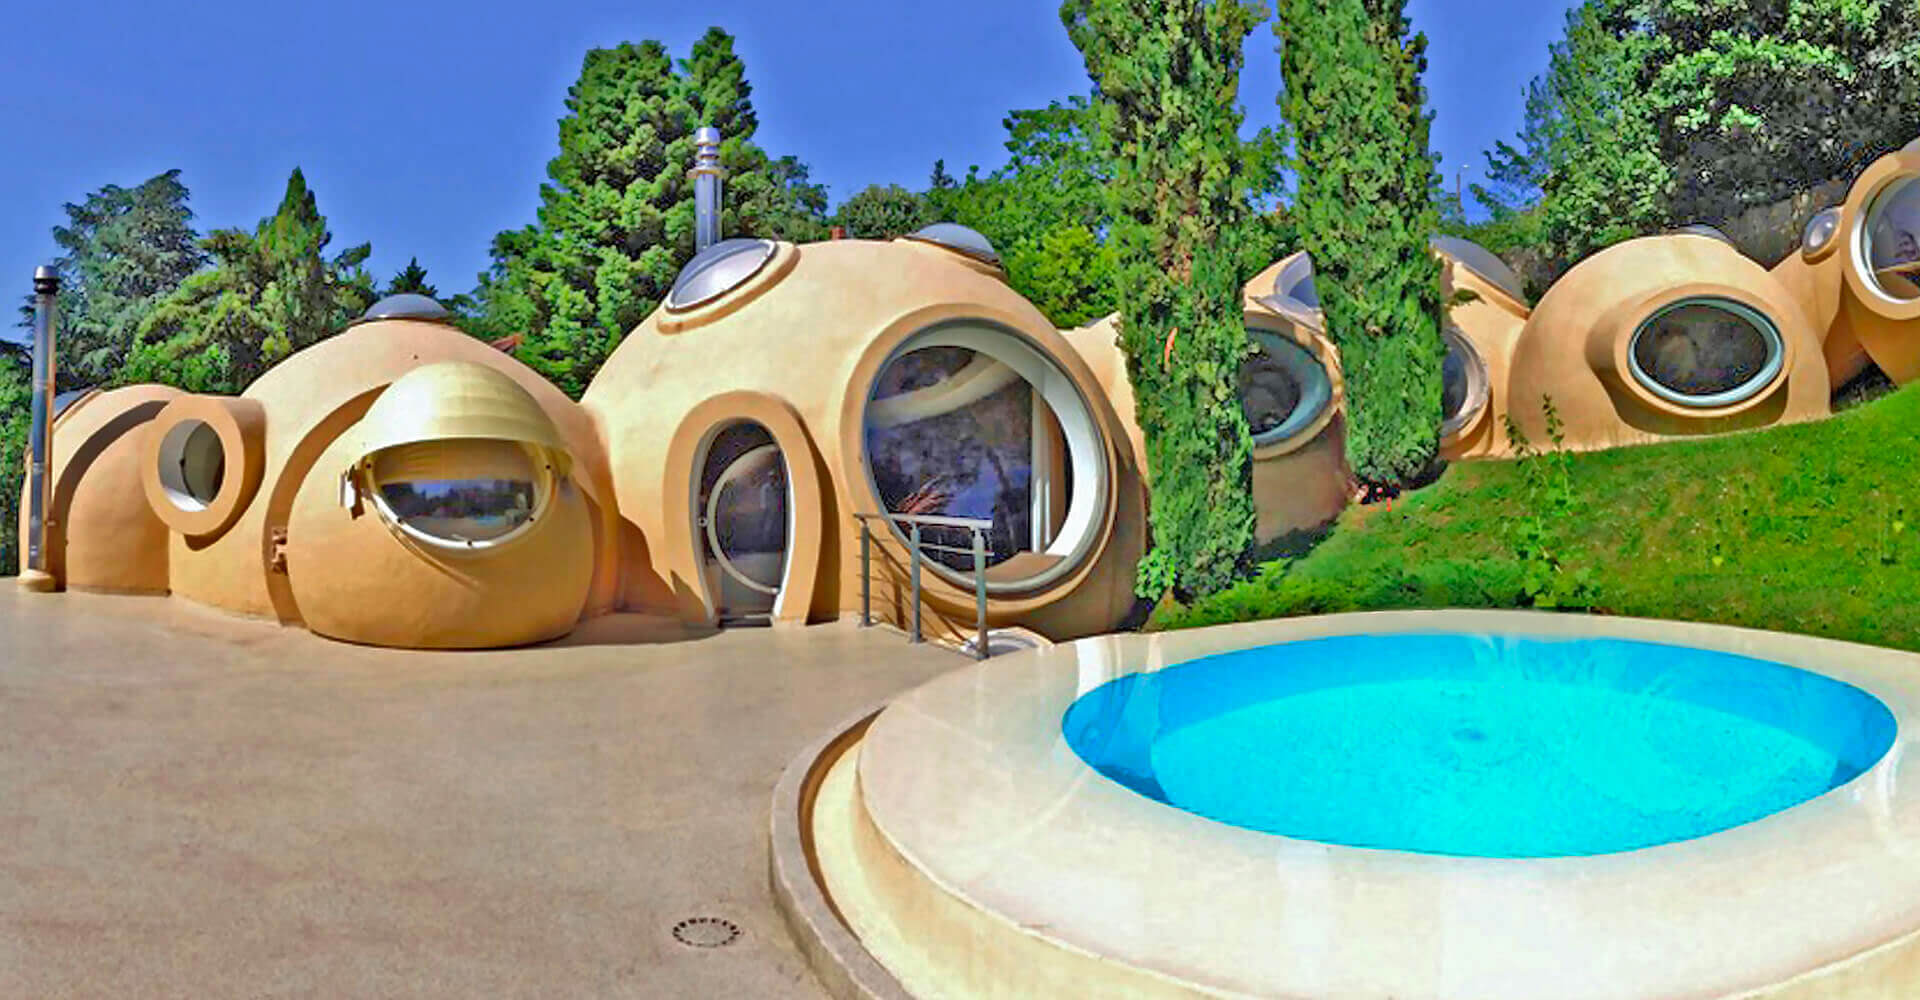 Maisons bulles en b ton et la villa roux bybeton for Maisons bulles